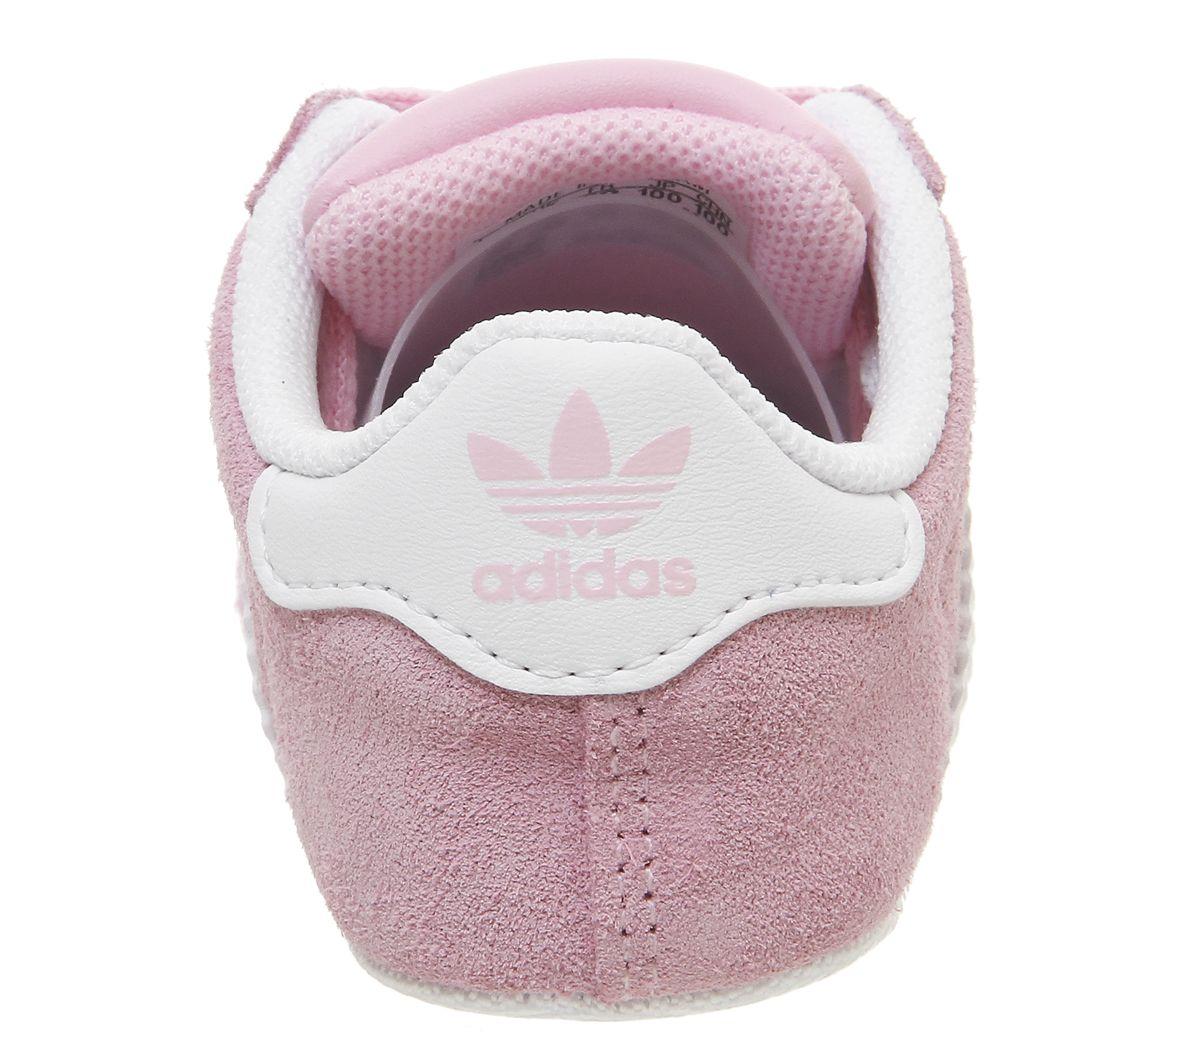 Cuna Infantil True 34arlq5j Gazelle Adidas Zapatillas Rosaebay 3ALR4j5